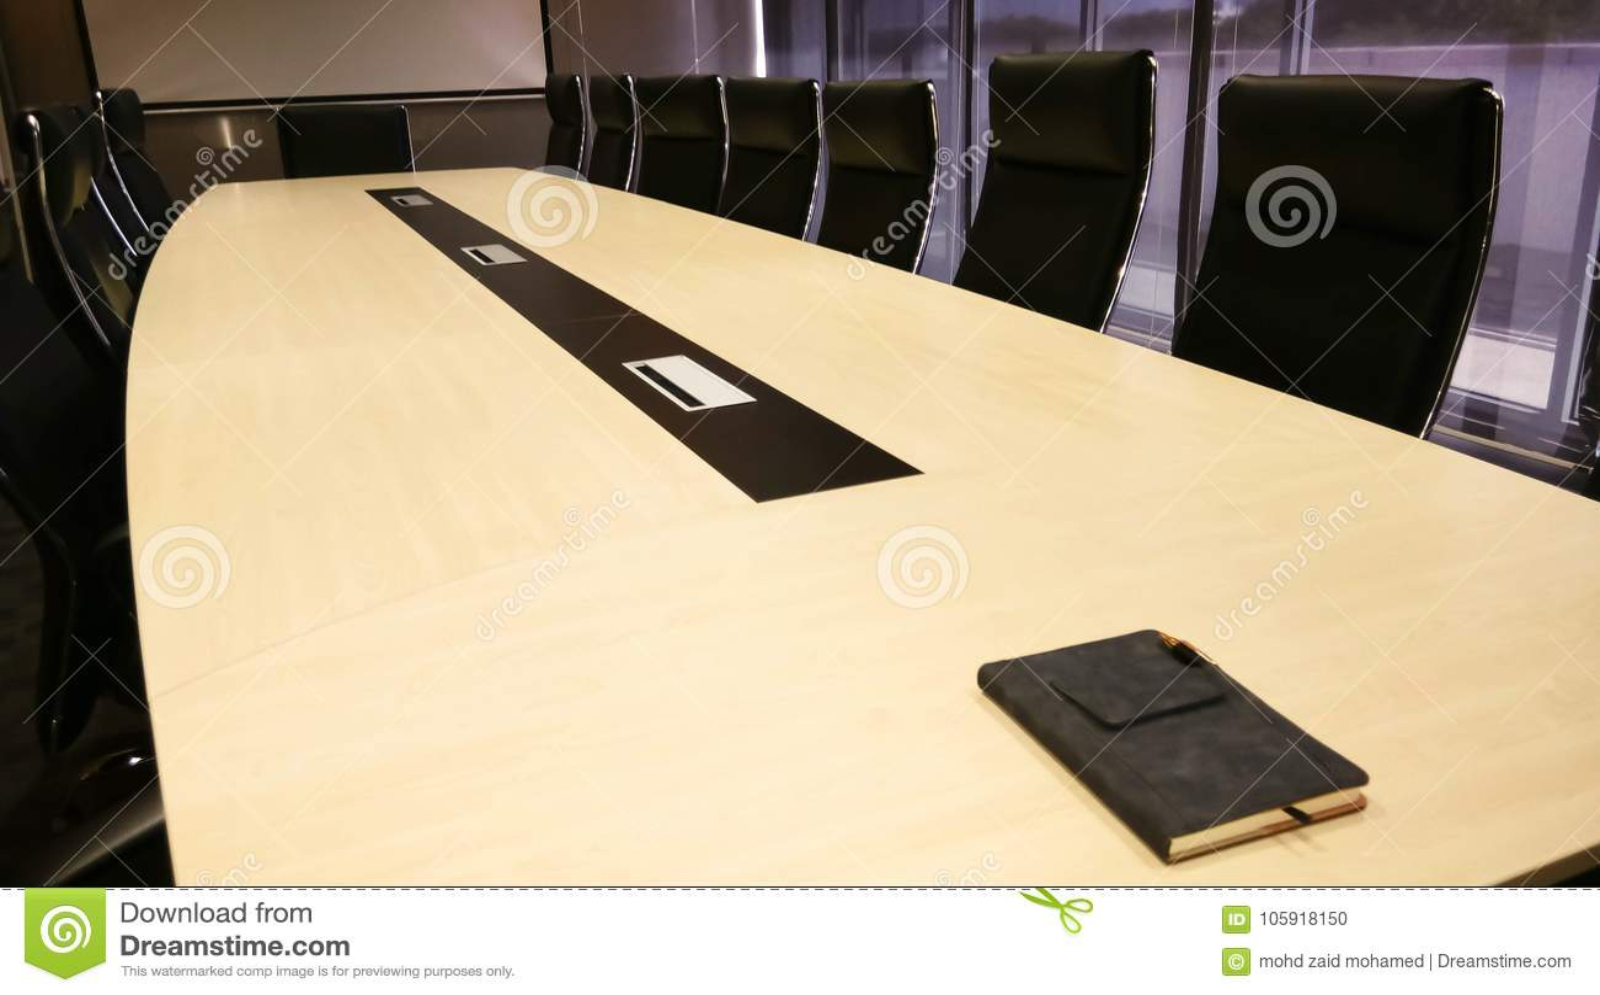 Konferencja lub pokój konferencyjny z pomarańczowym oświetleniem jako backdrope